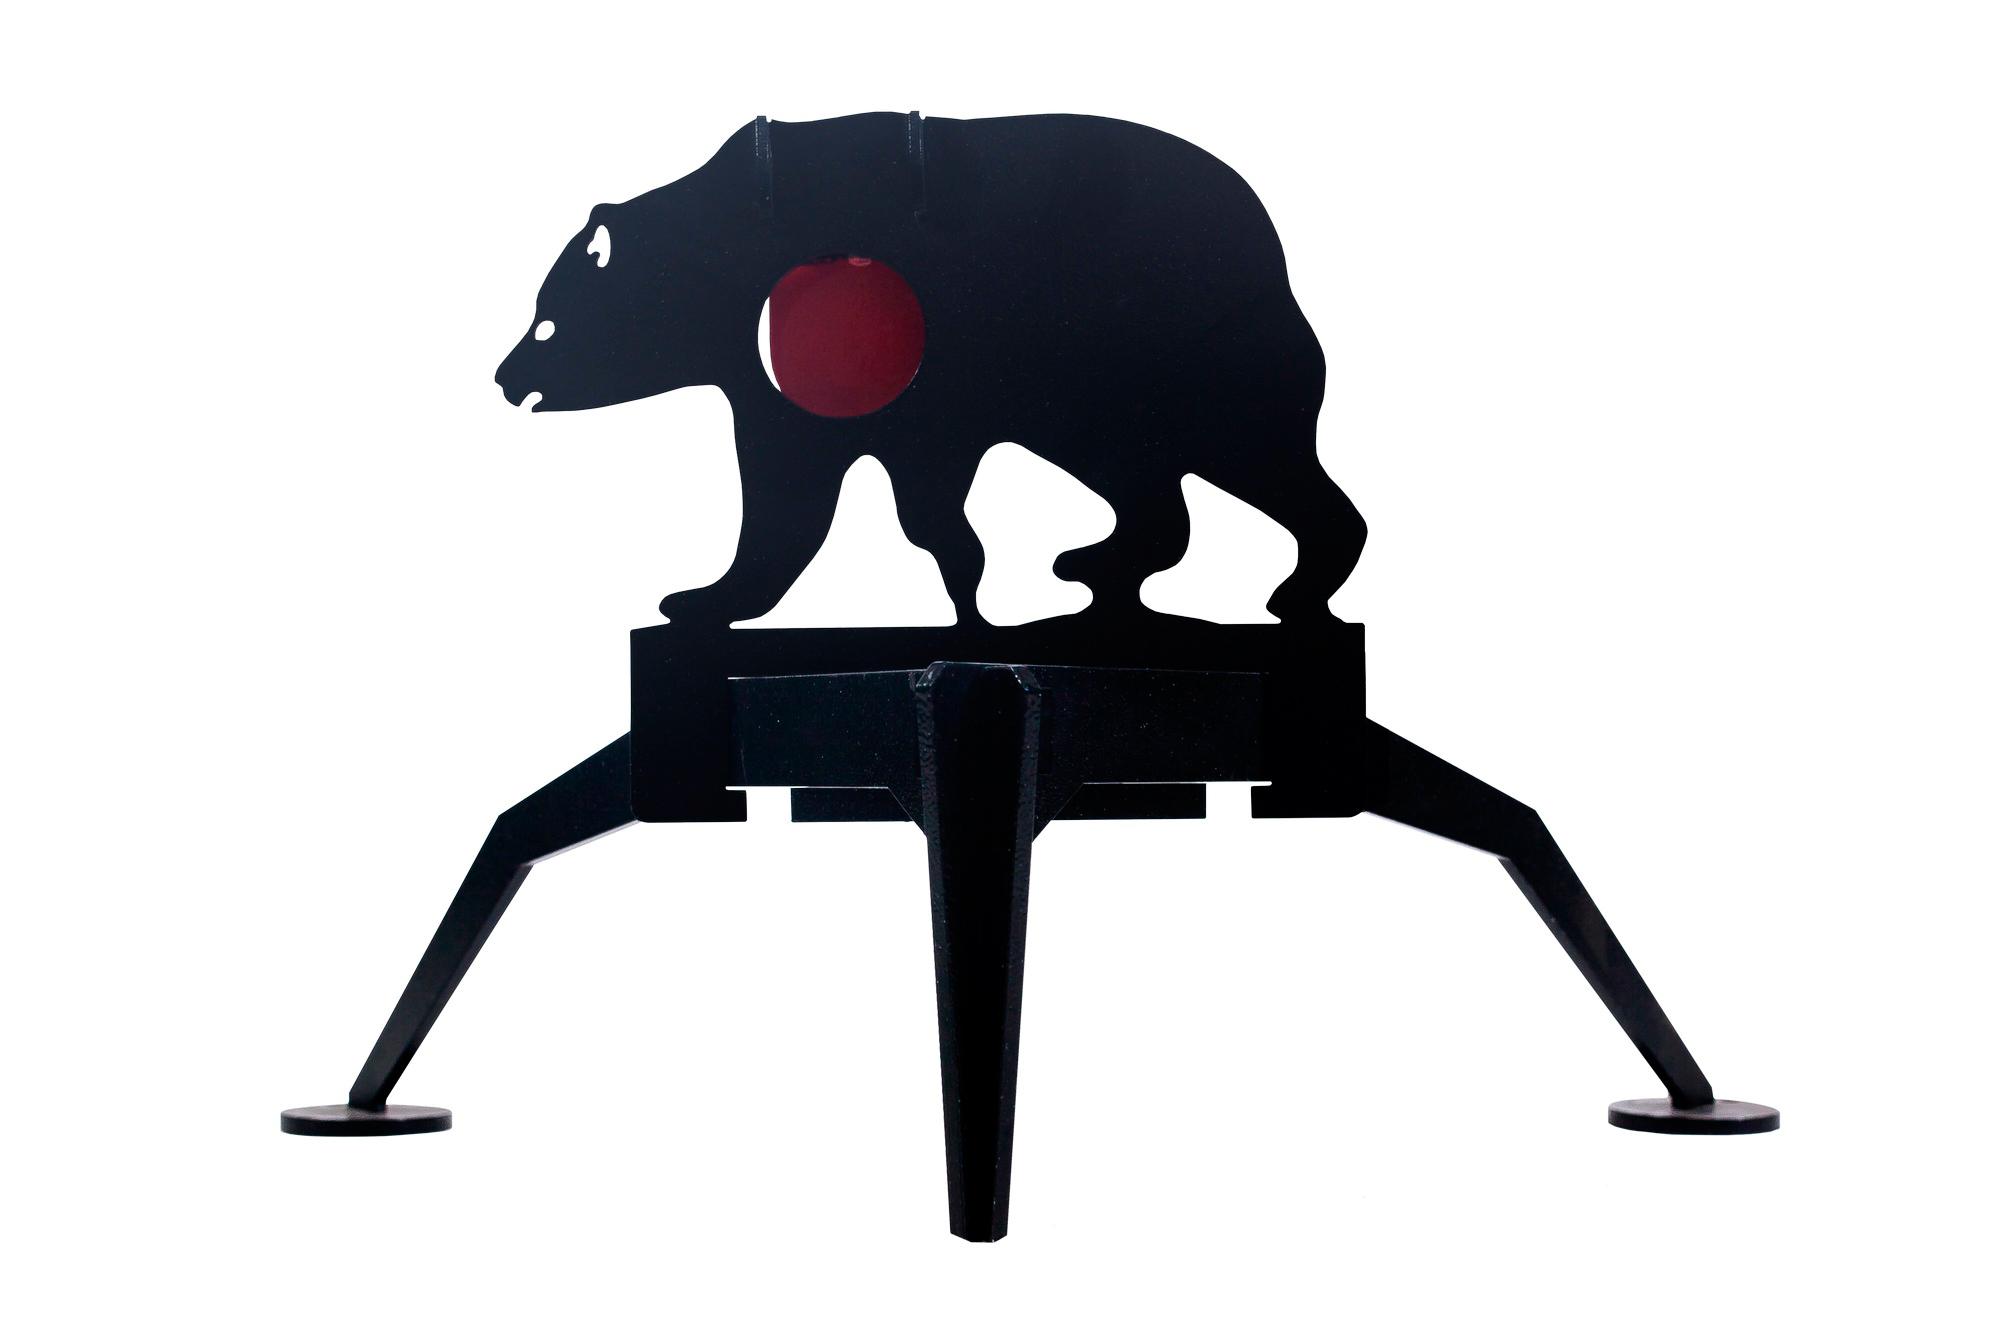 Мишень Медведь на треноге для мелкокалиберного 22LR или ПСП оружия (MMTM)